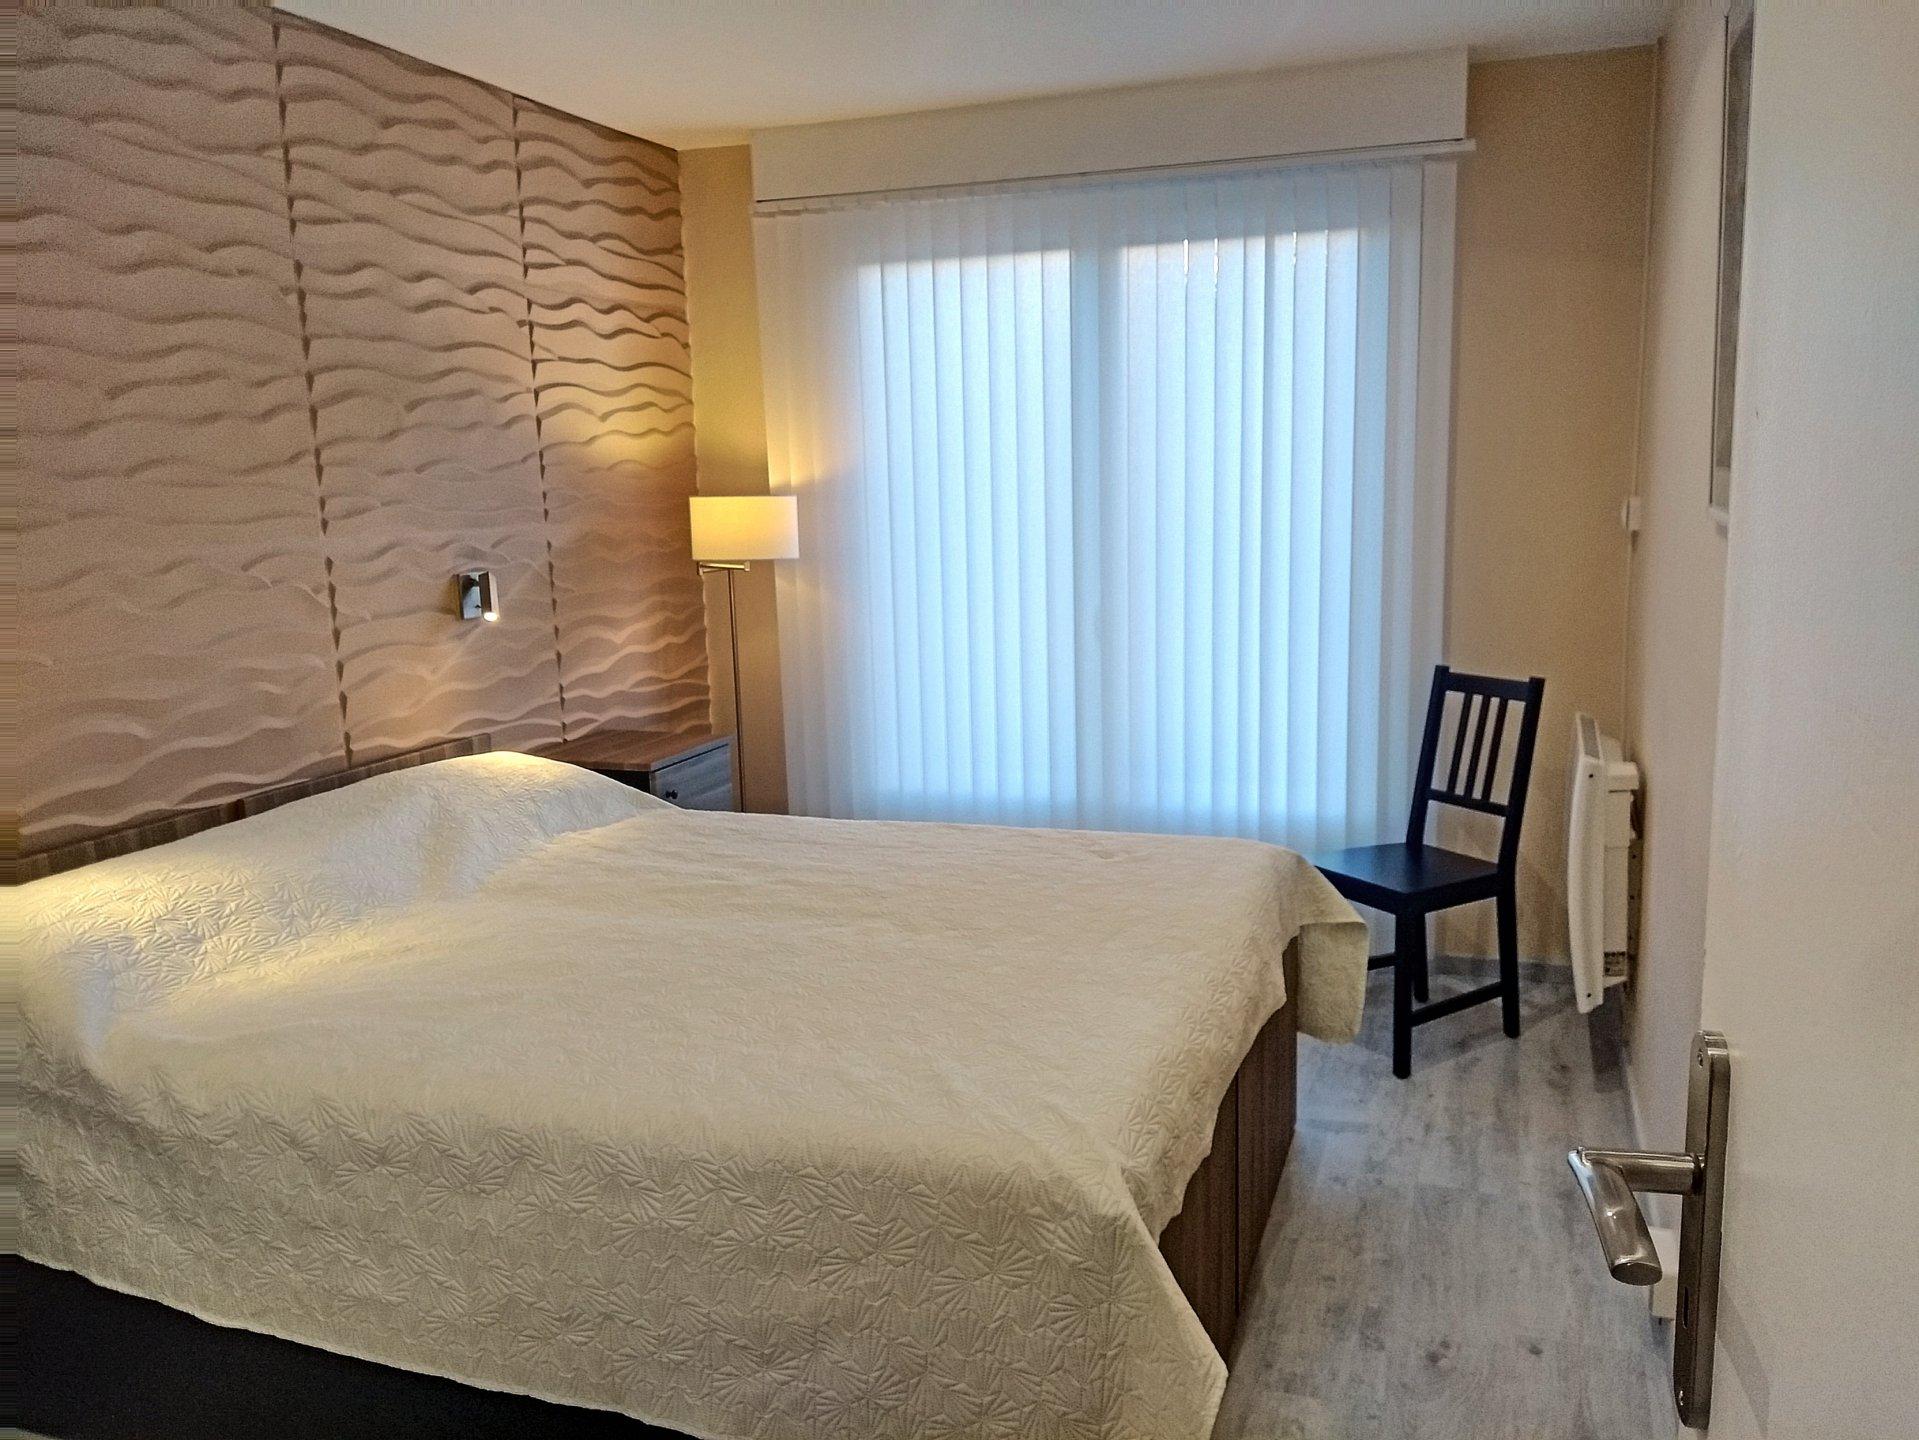 Cagnes-sur-Mer (06800) - Appartement - 2 pièces - Parking - Refait à Neuf